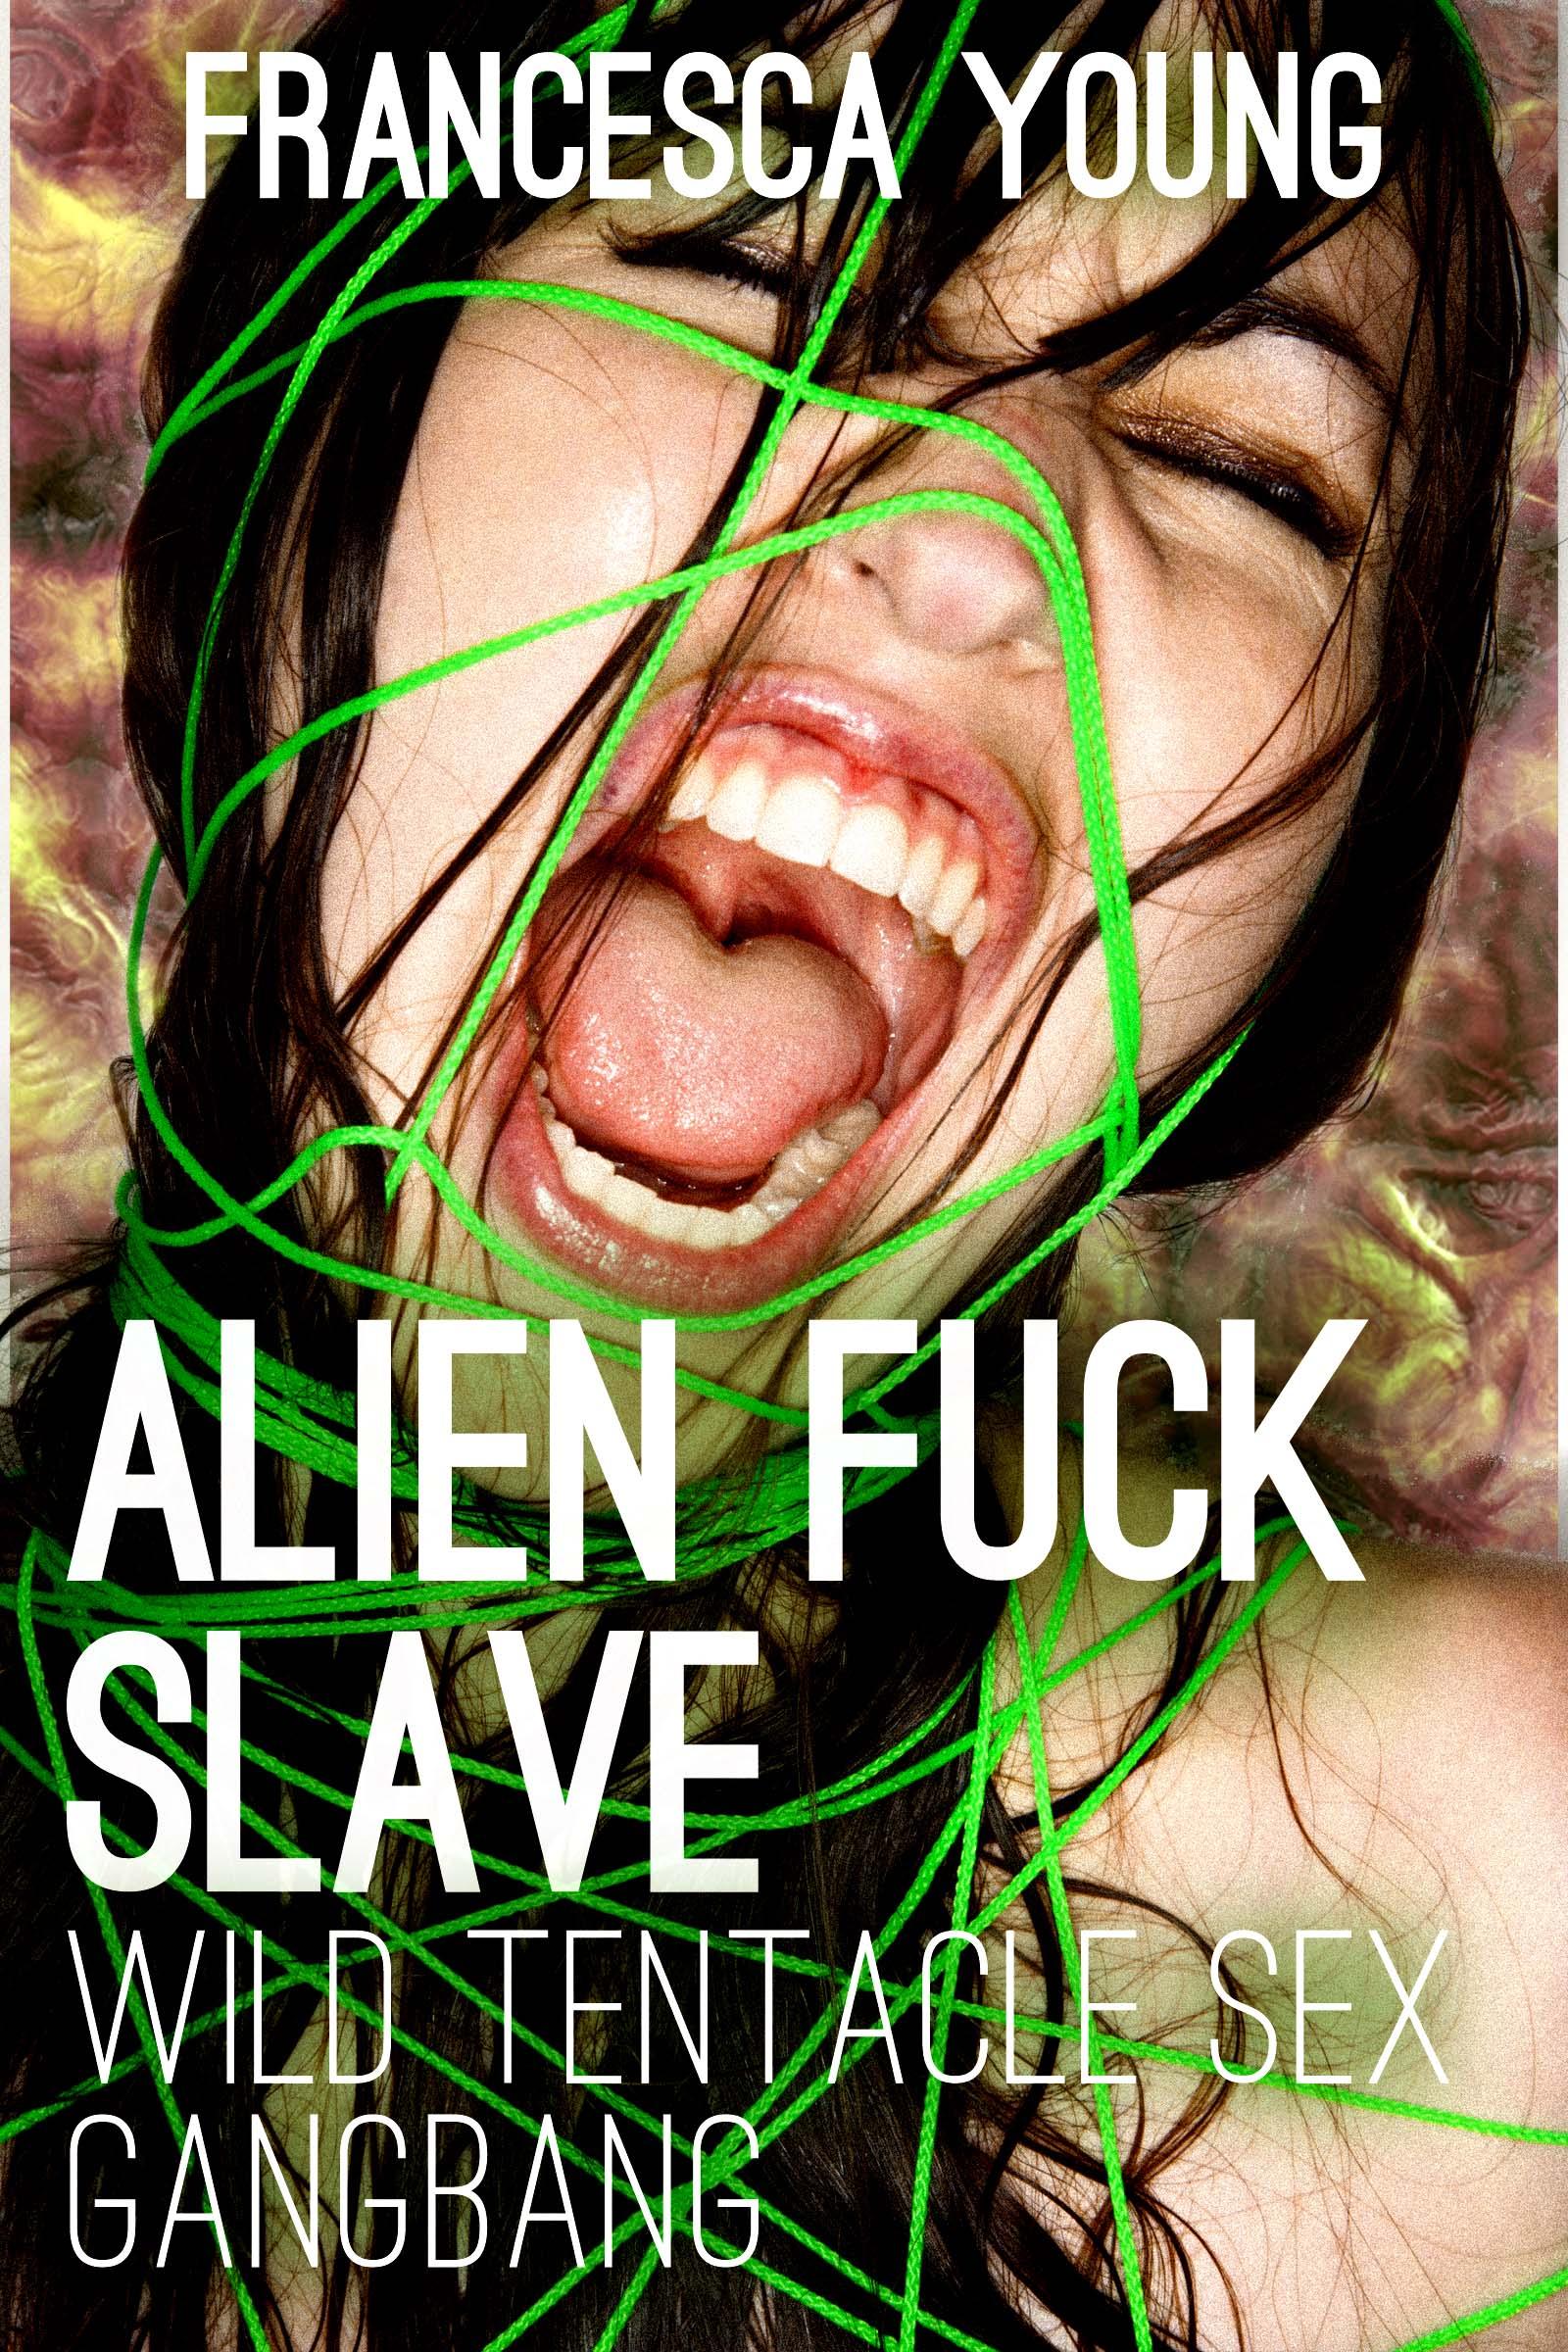 Alien Gangbang alien fuck slave 2: wild tentacle sex gangbang, an ebookfrancesca young